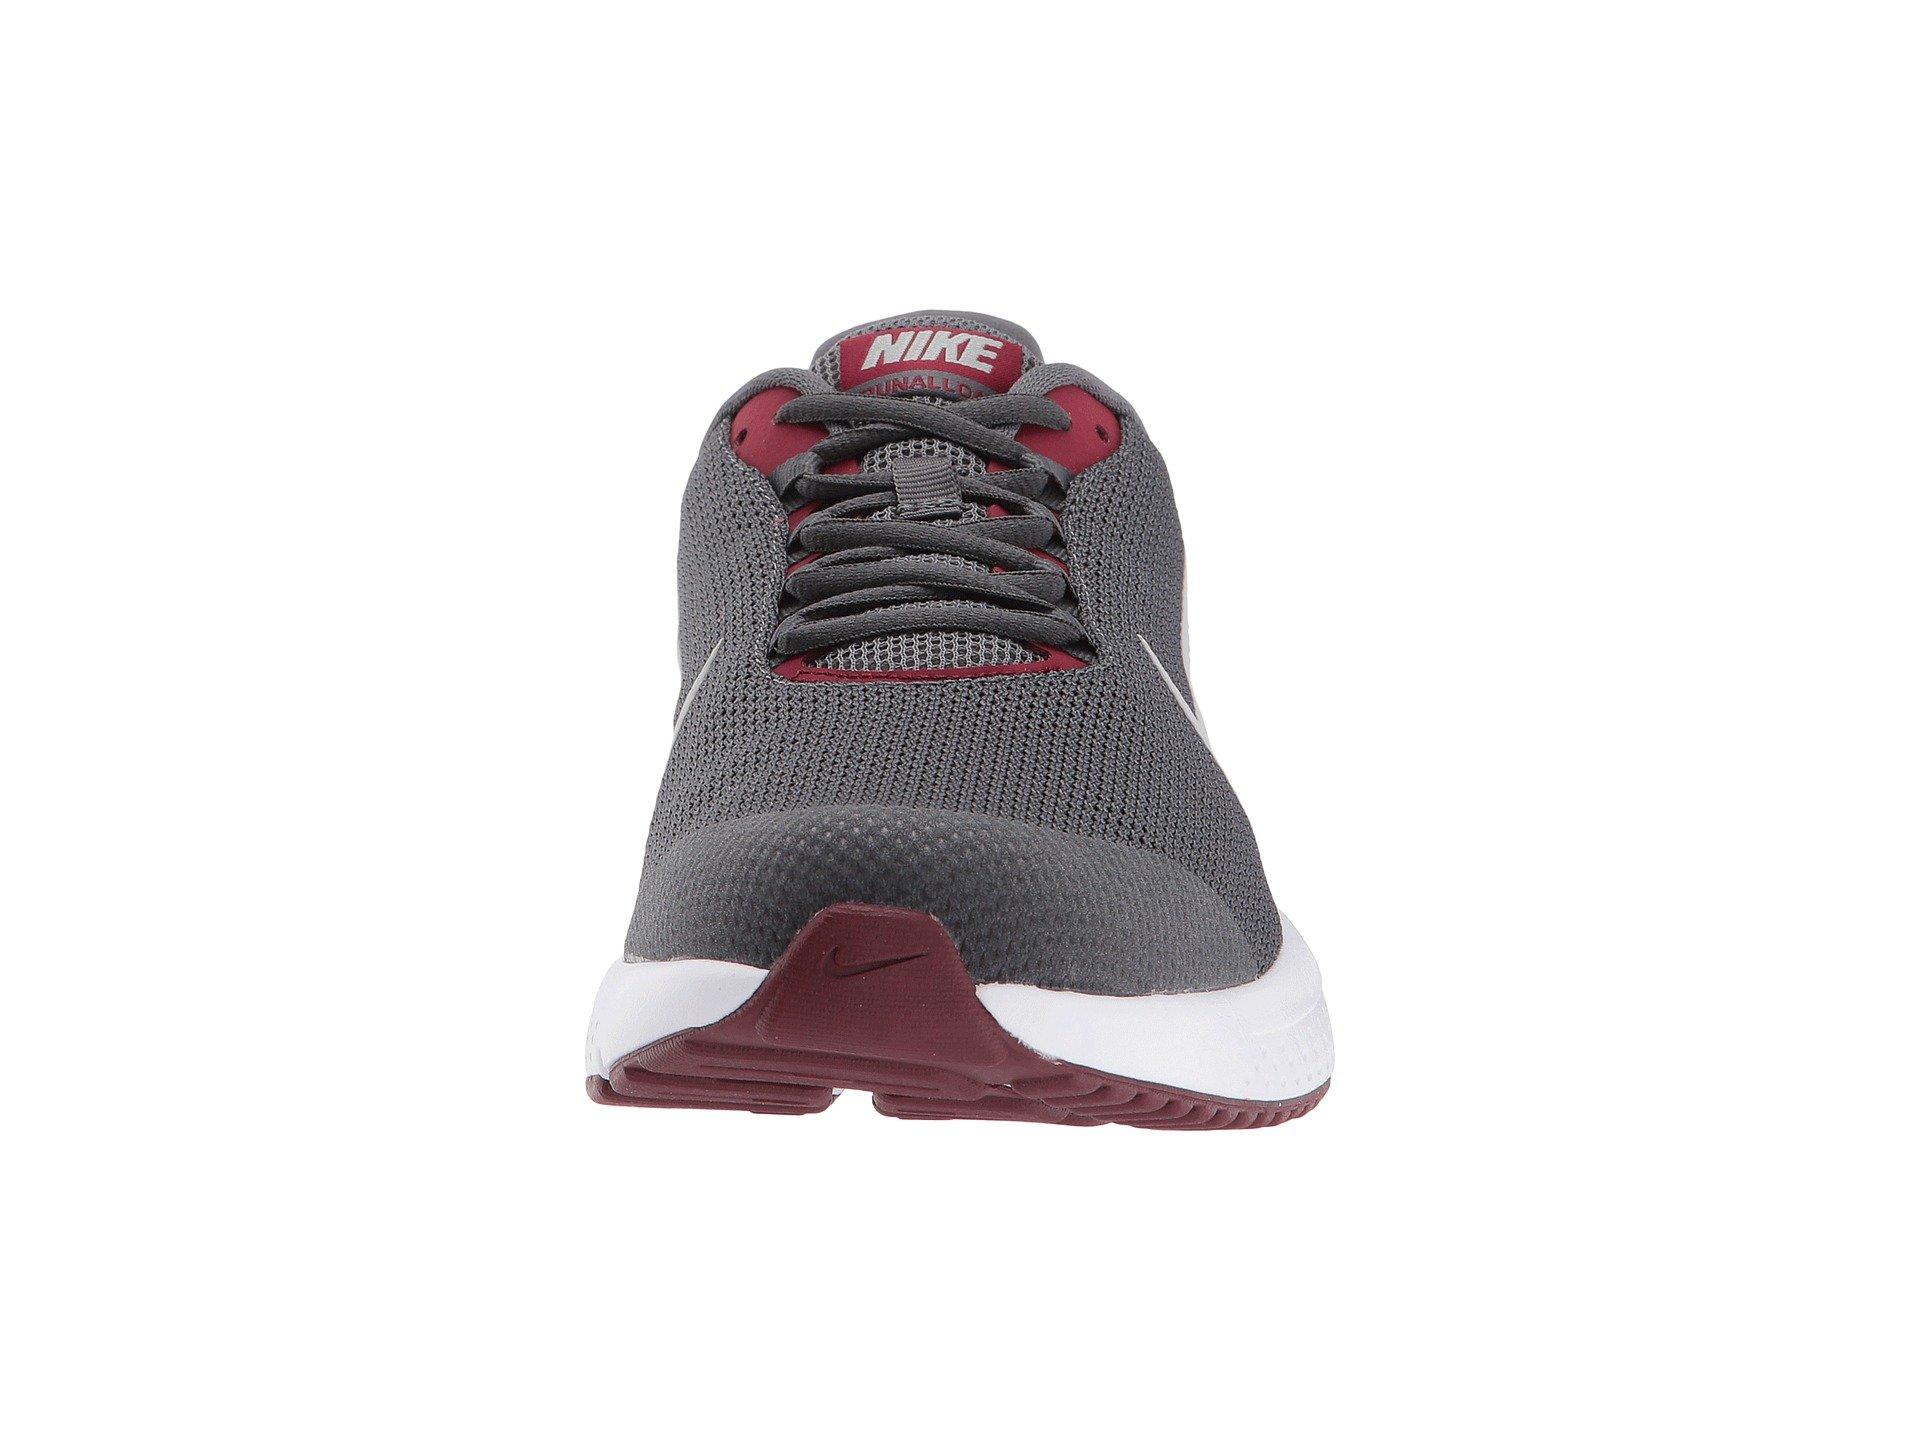 a67aff7e84 Nike Shoes Dsw Edgars Ladies Shoes | HopShopGo